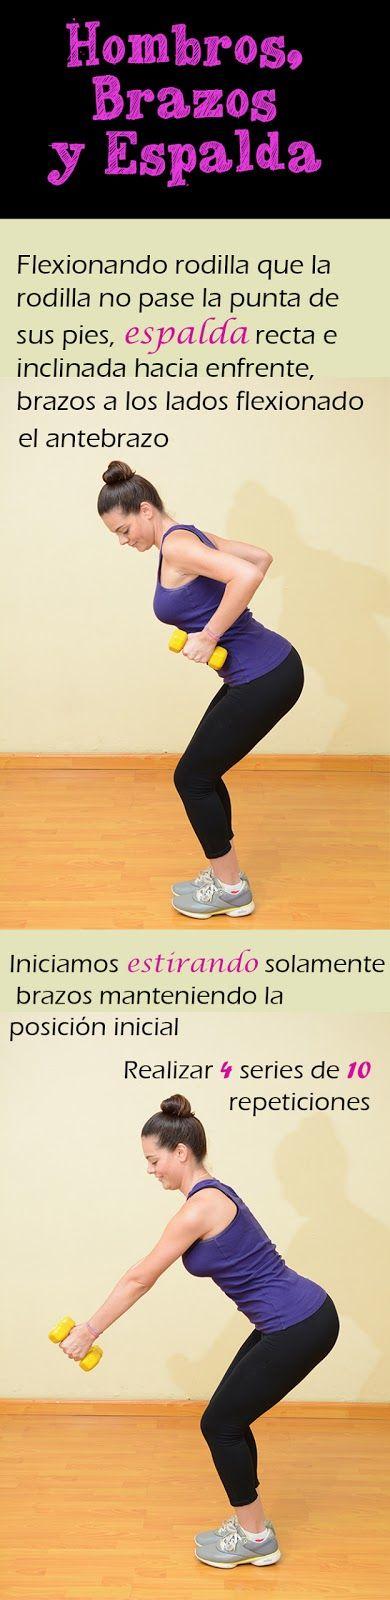 Rutinas de ejercicios. Hombros, brazos y espalda. #Ejercítate